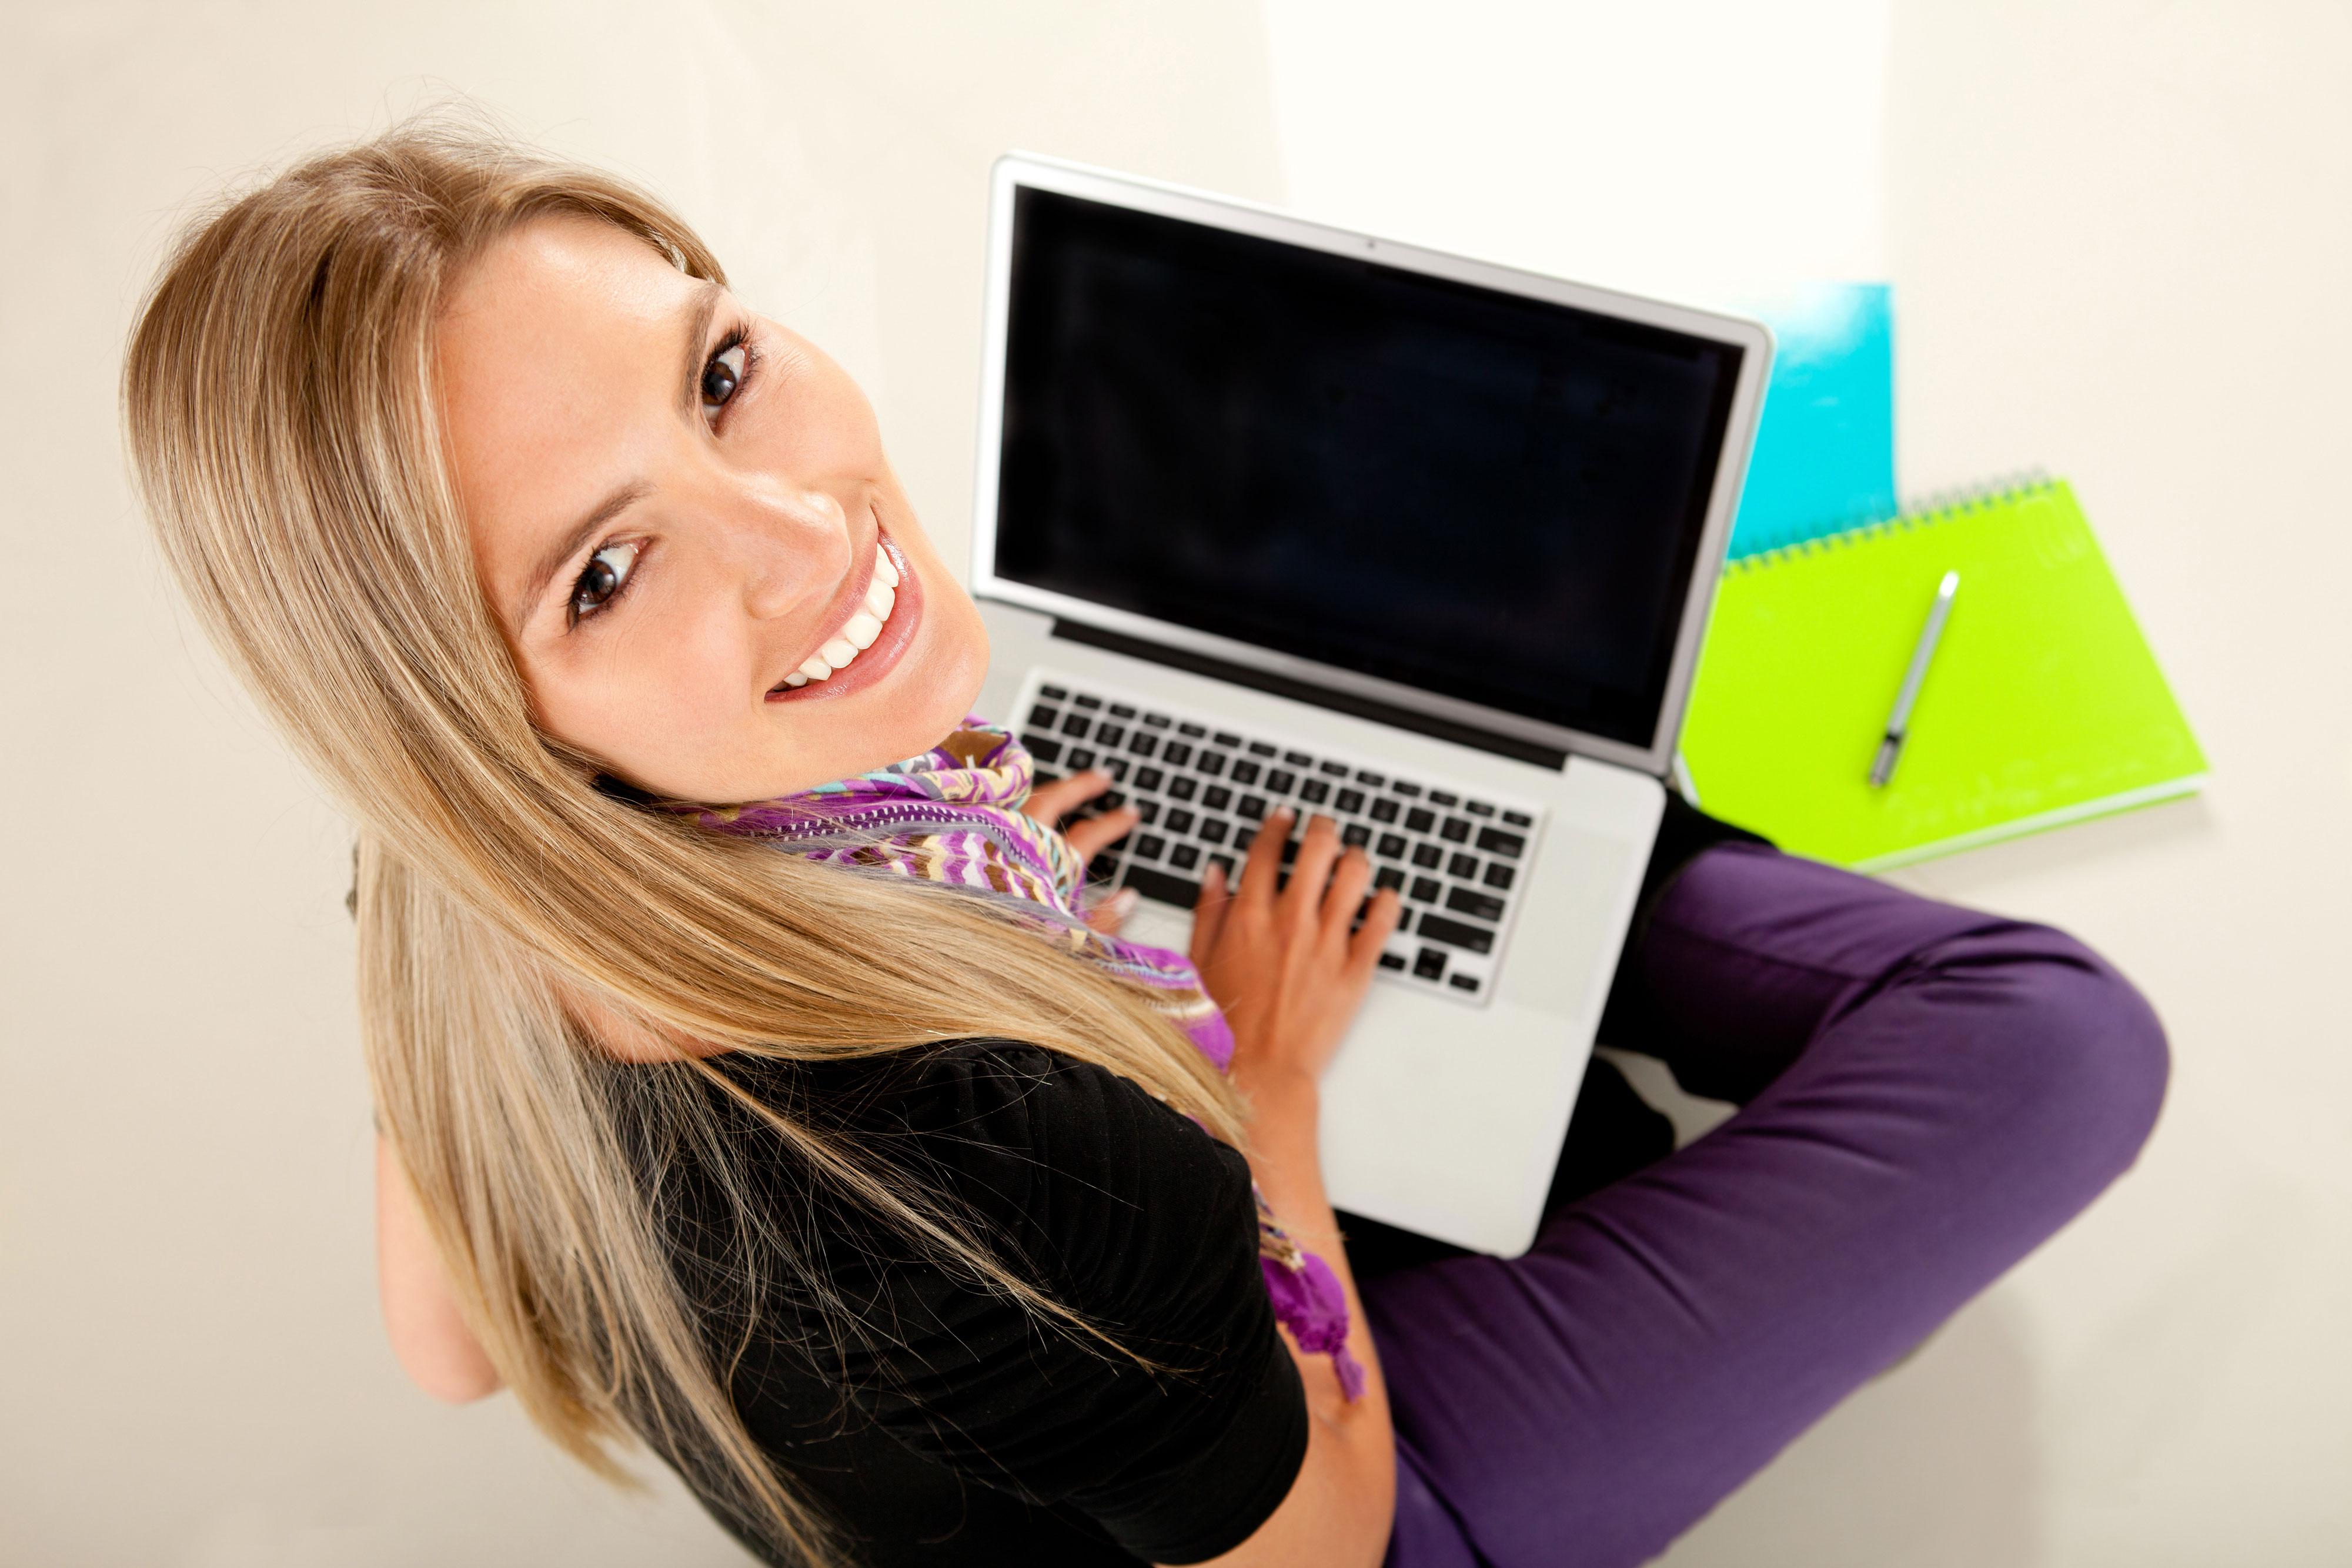 יש סטודנטים שמעדיפים להגיש עבודה על פני מבחן (צ'- shutterstock)